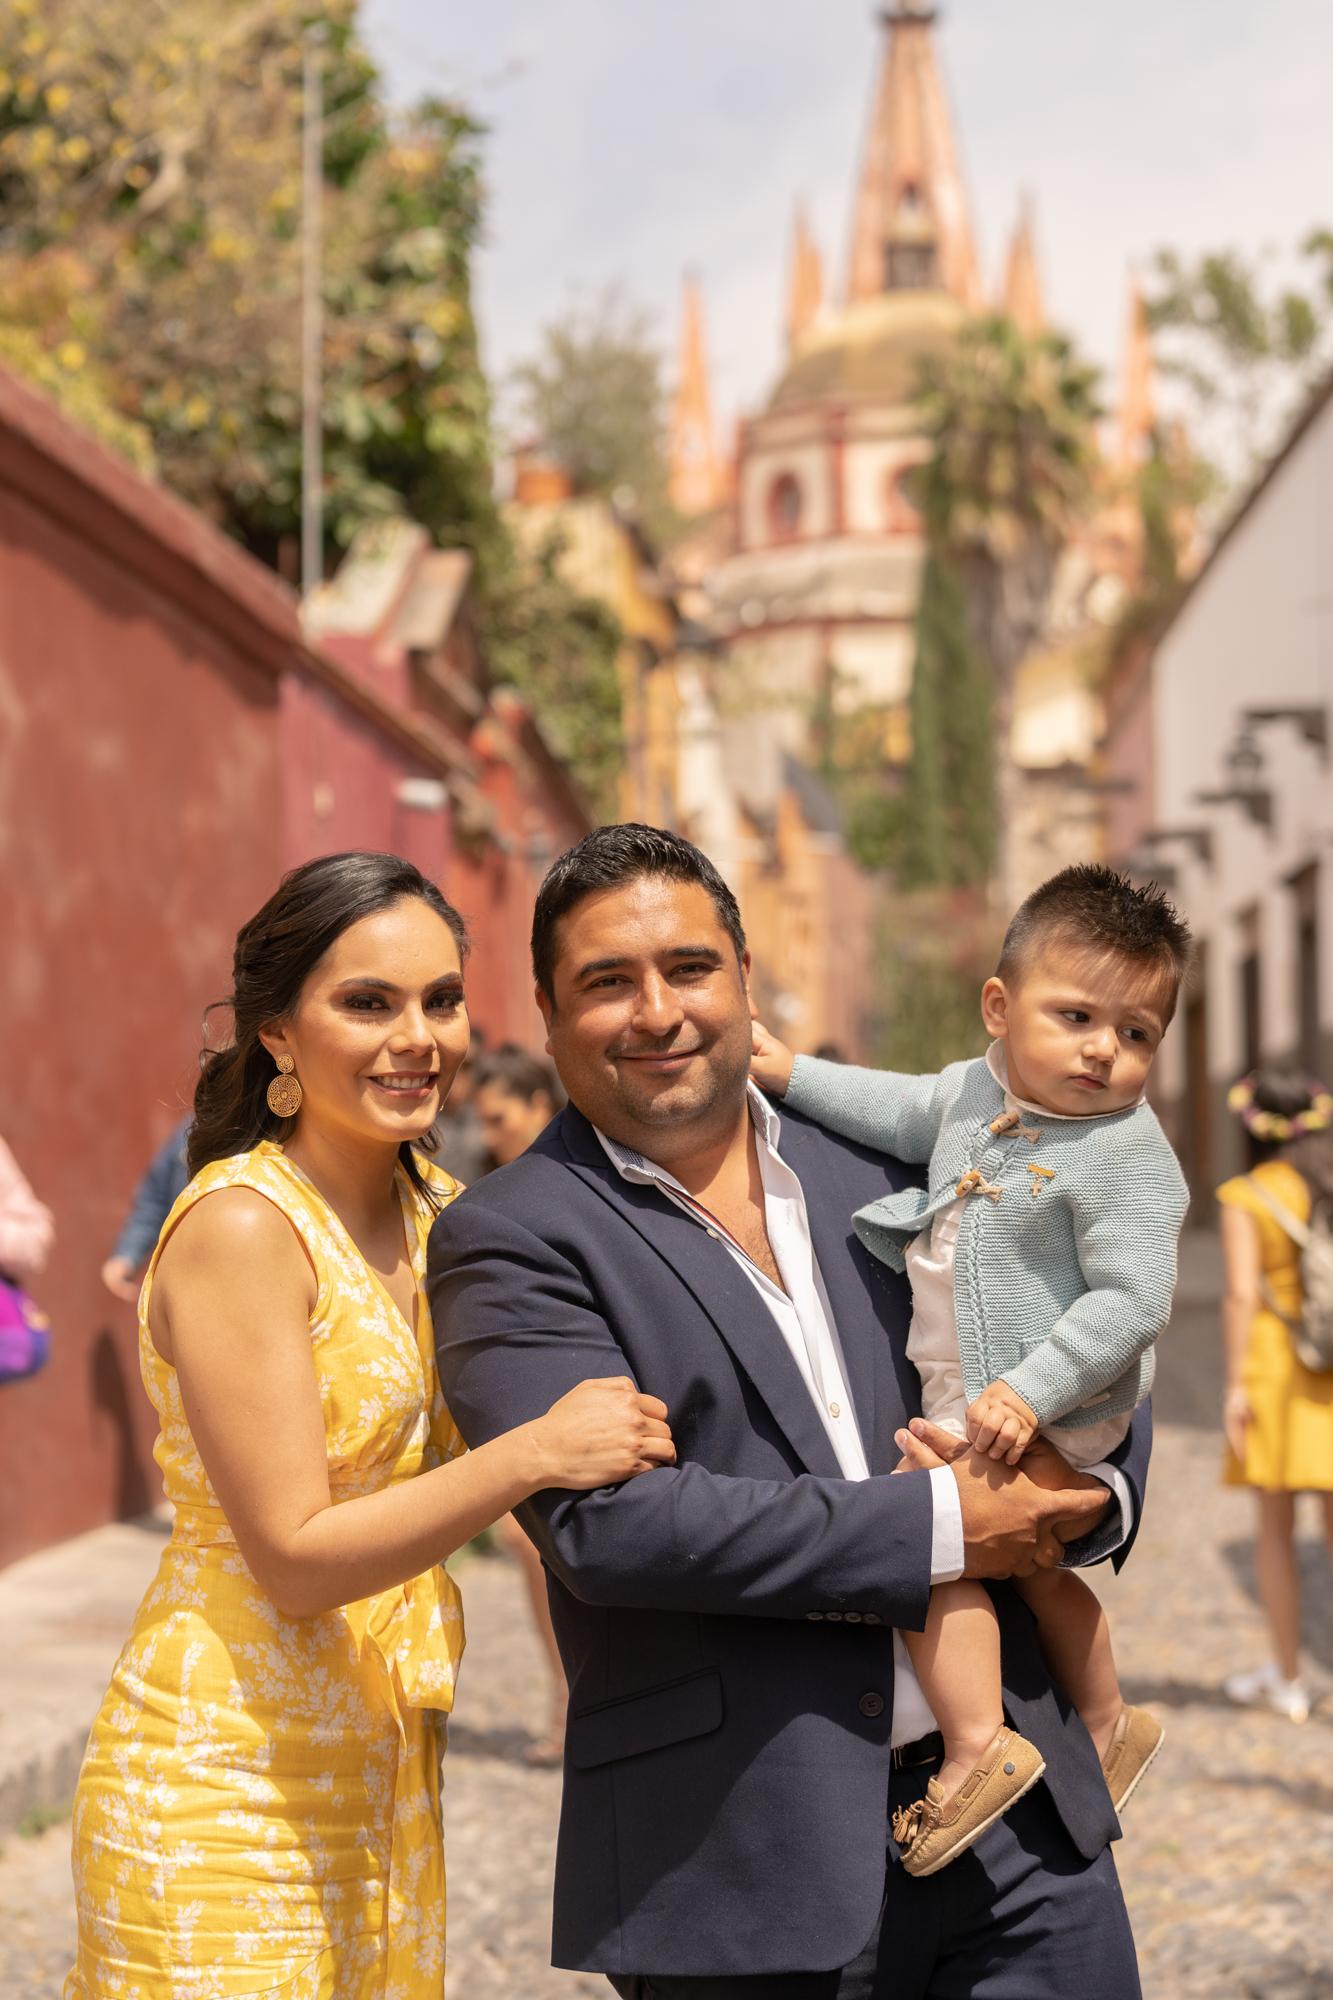 Sesion de Fotos en Rosewood San Migue de Allende del Bautizo de Alfonso-30.jpg